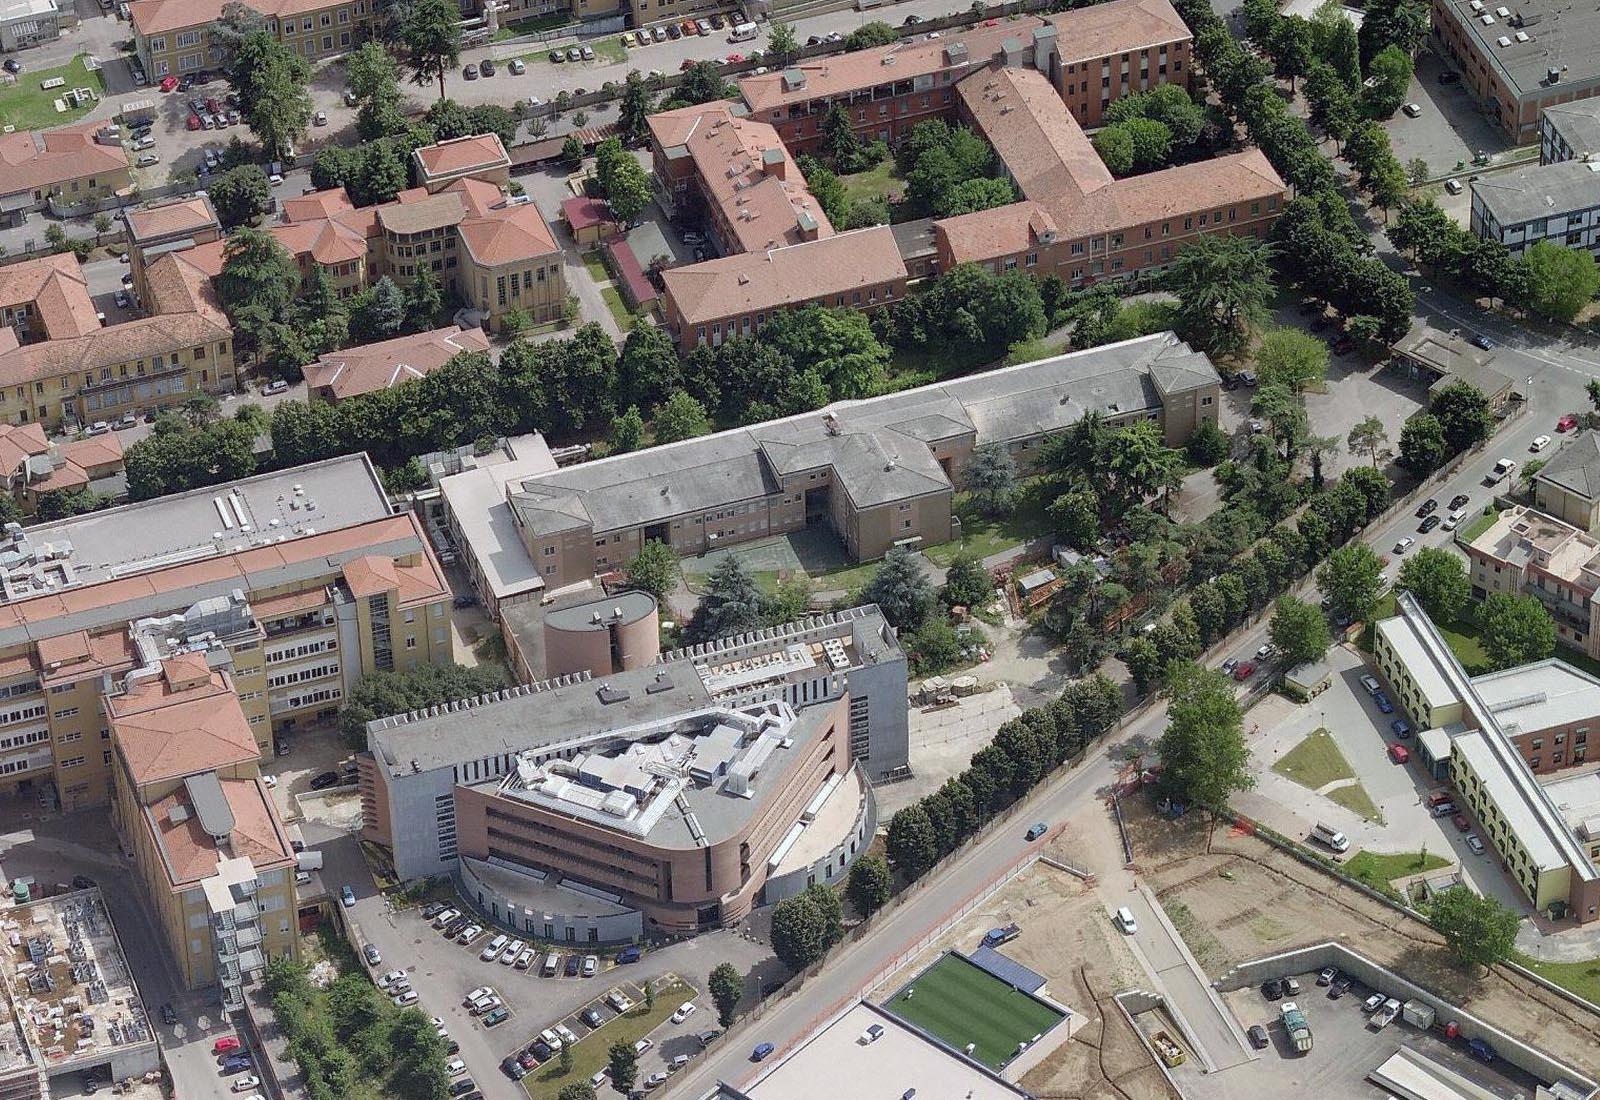 Adeguamenti Policlinico San Matteo a Pavia - Padiglione 30 - Vista aerea